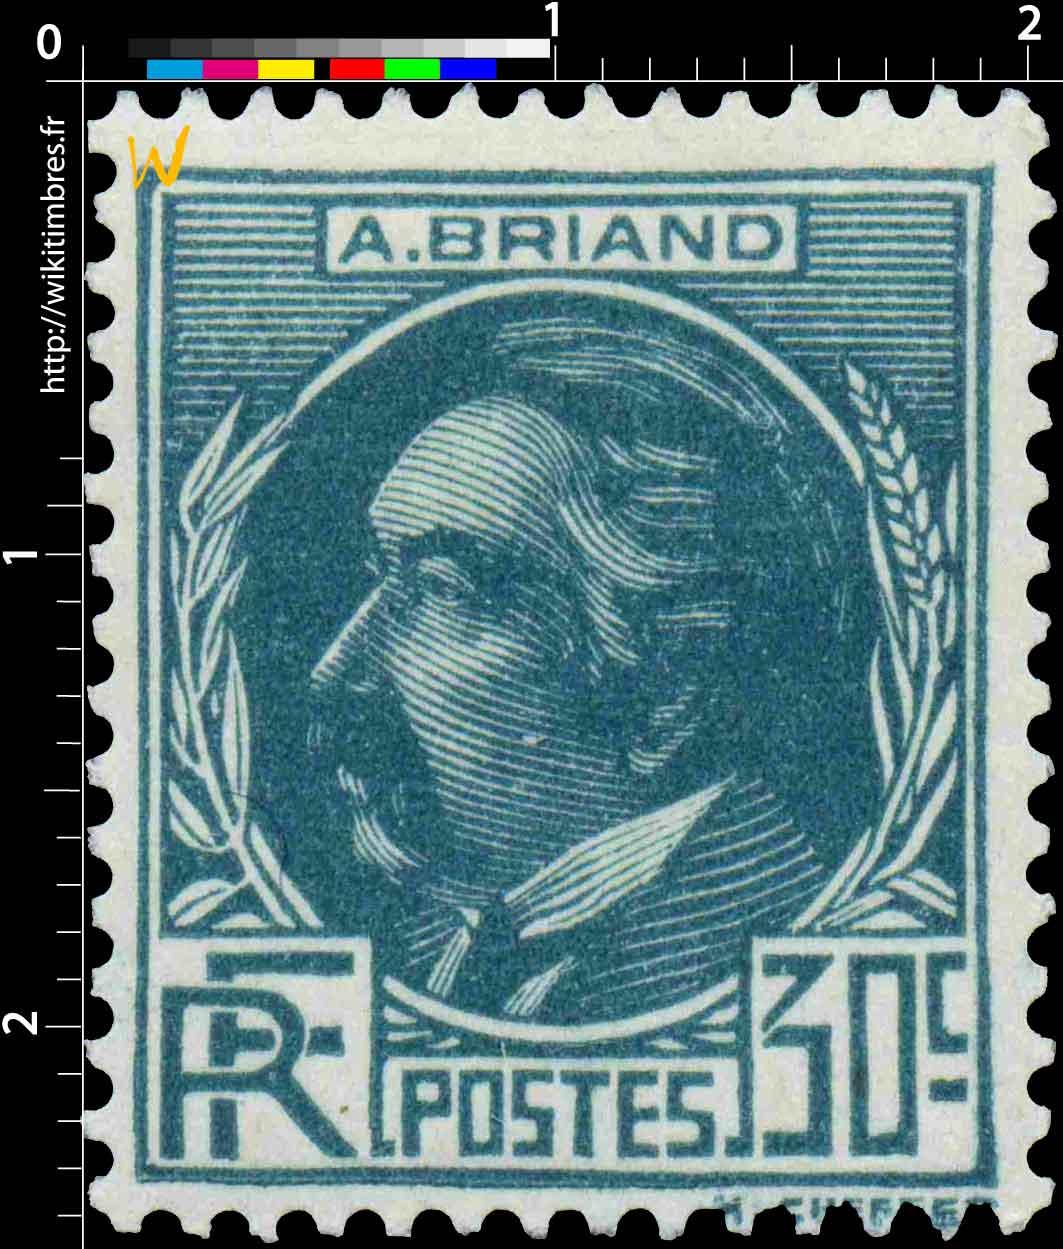 A. BRIAND